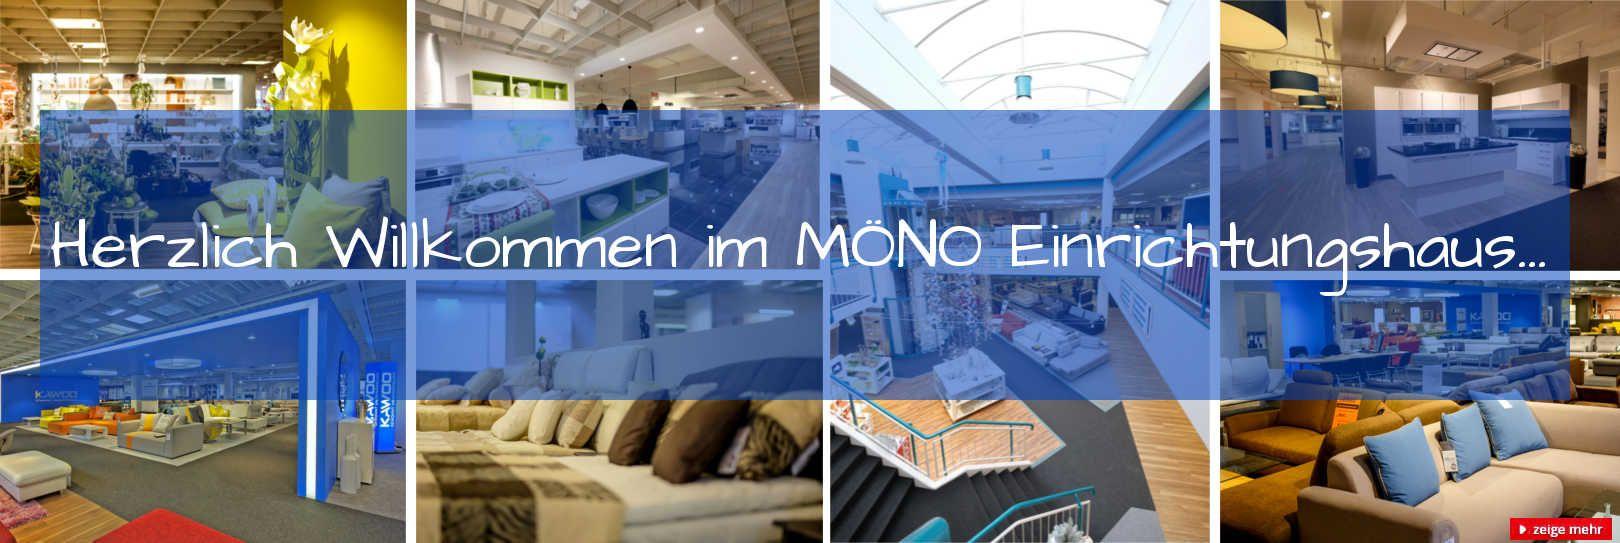 Moebel Nordhausen Einrichtungshaus Haus Wohnwelt